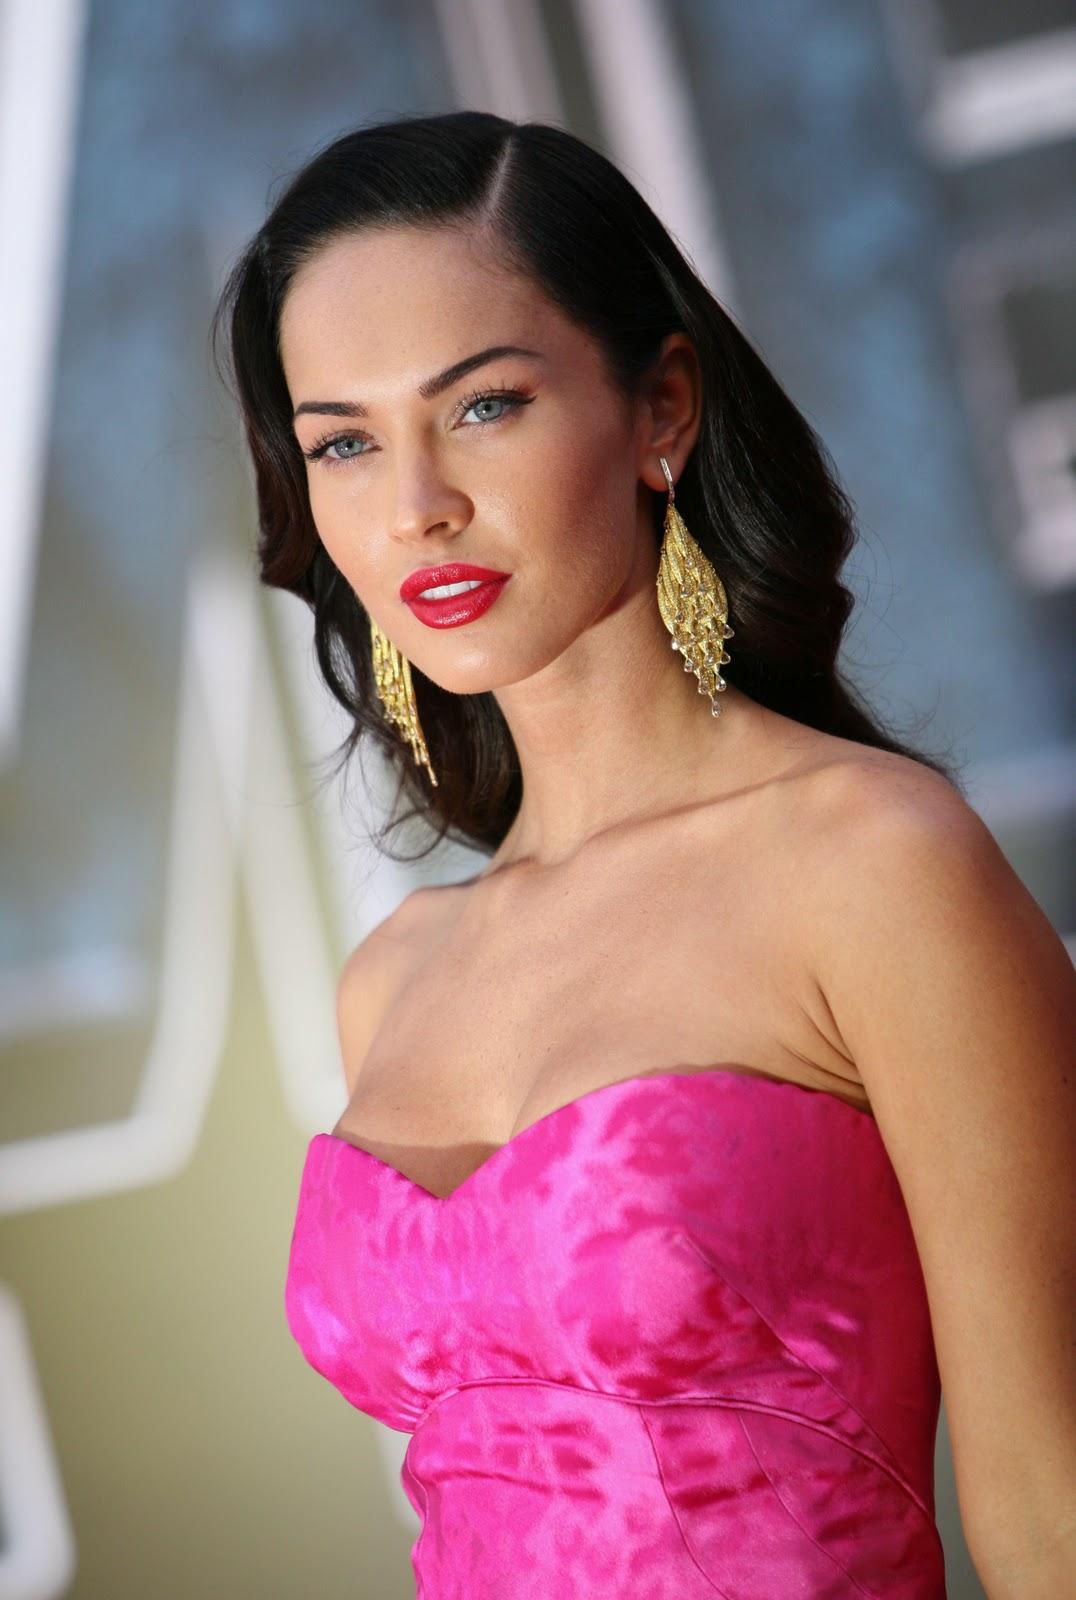 http://4.bp.blogspot.com/-jgw5ulY-YEU/TxvoMYVKoII/AAAAAAAAekk/QYzuYiytOMo/s1600/pink1.jpg